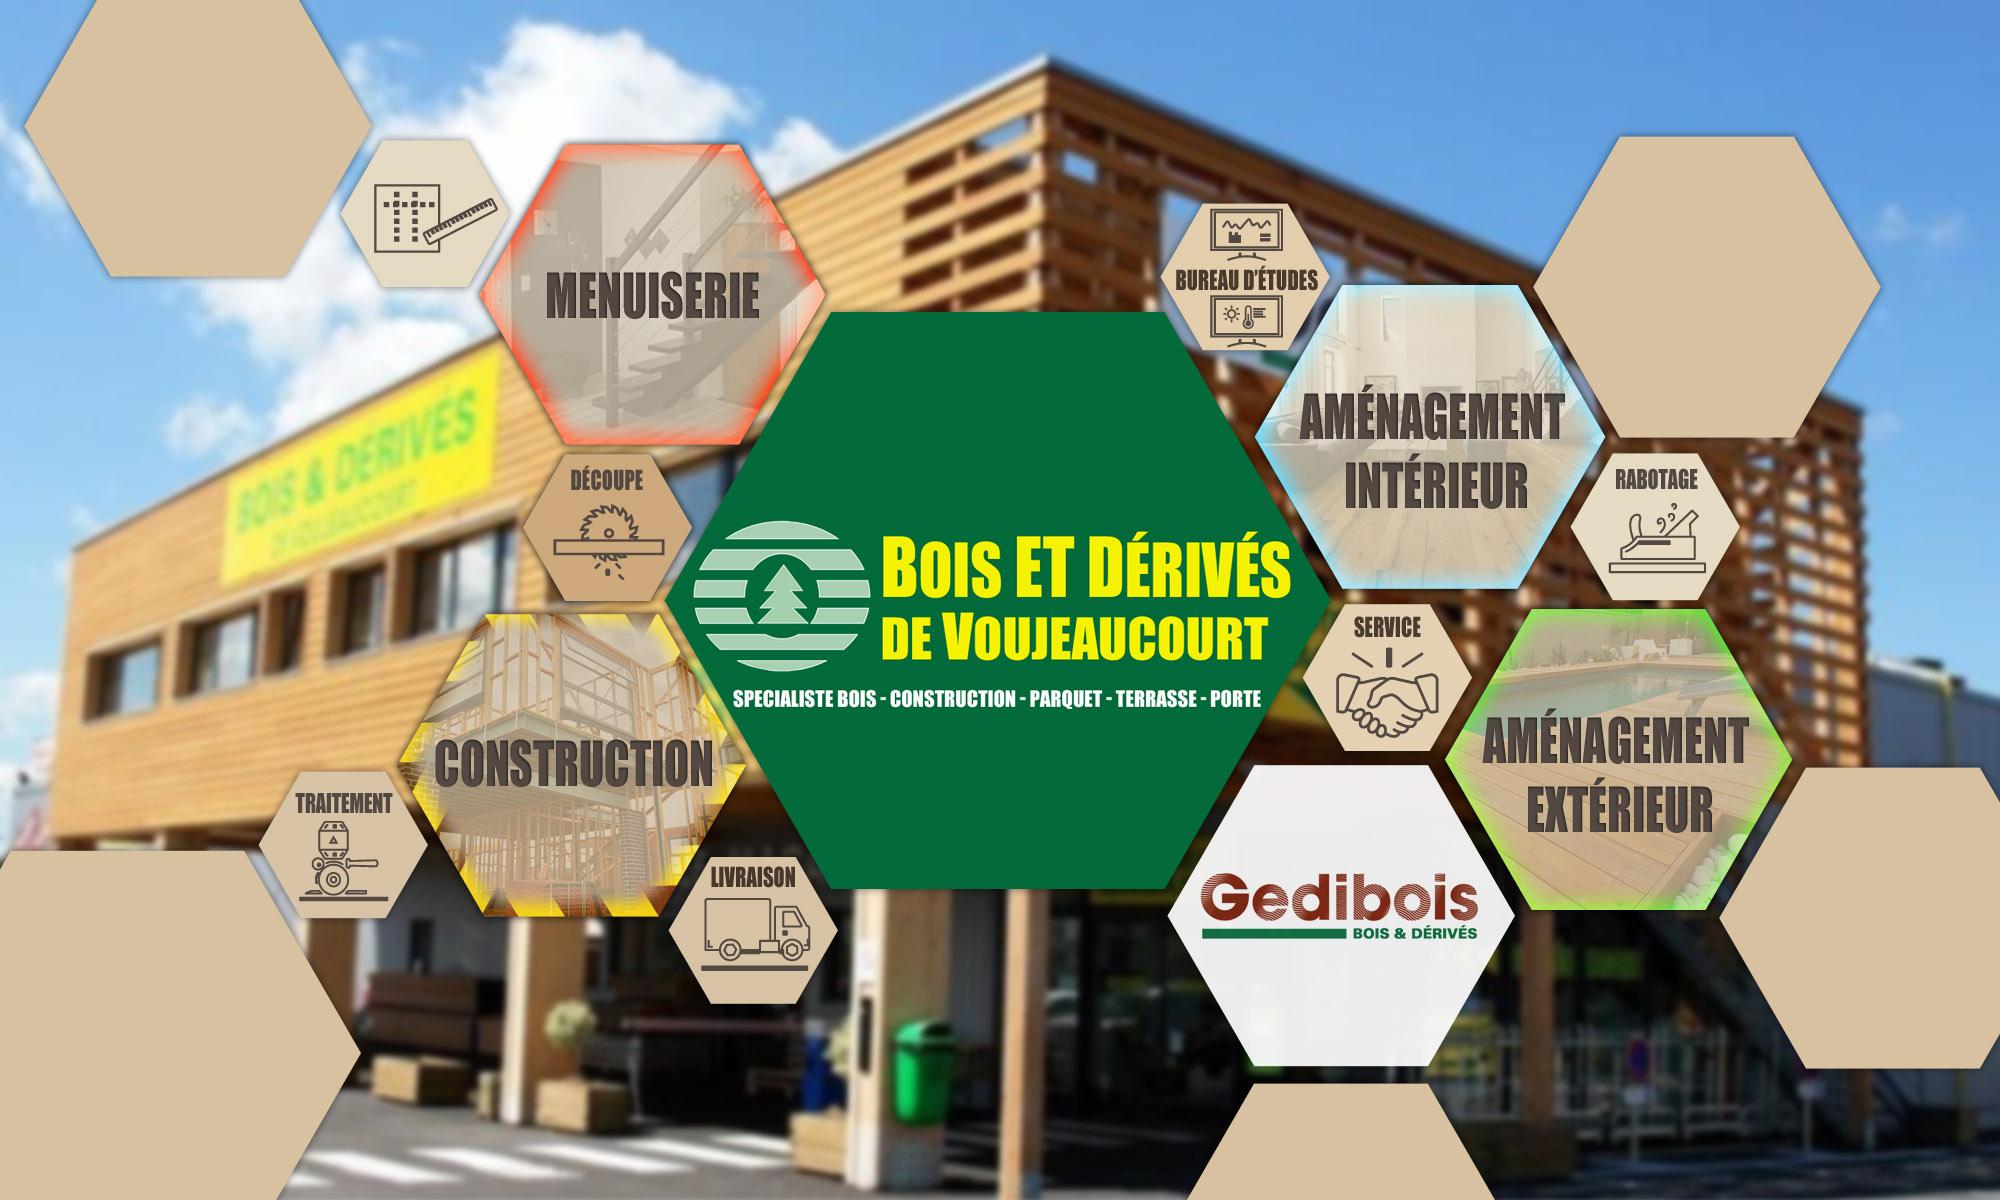 Bois et Dérivés de Voujeaucourt